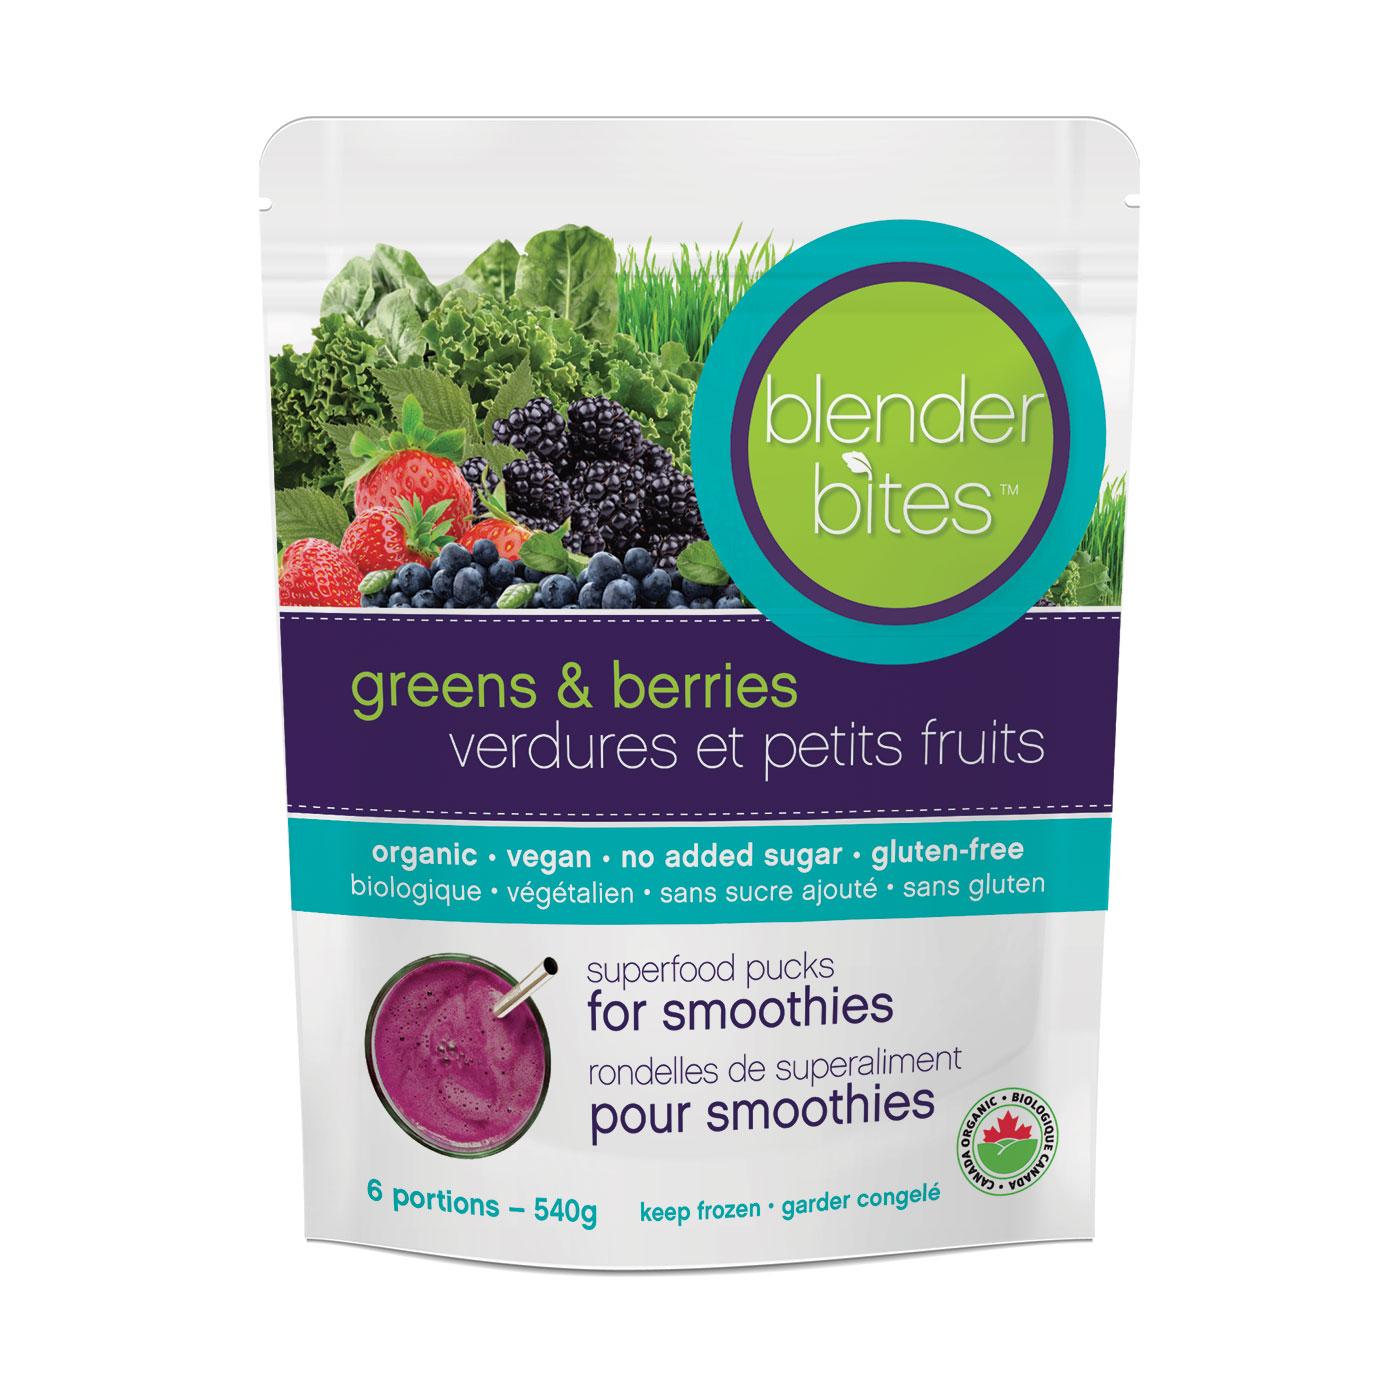 berries & greens blender bites - superfood pucks for smoothies